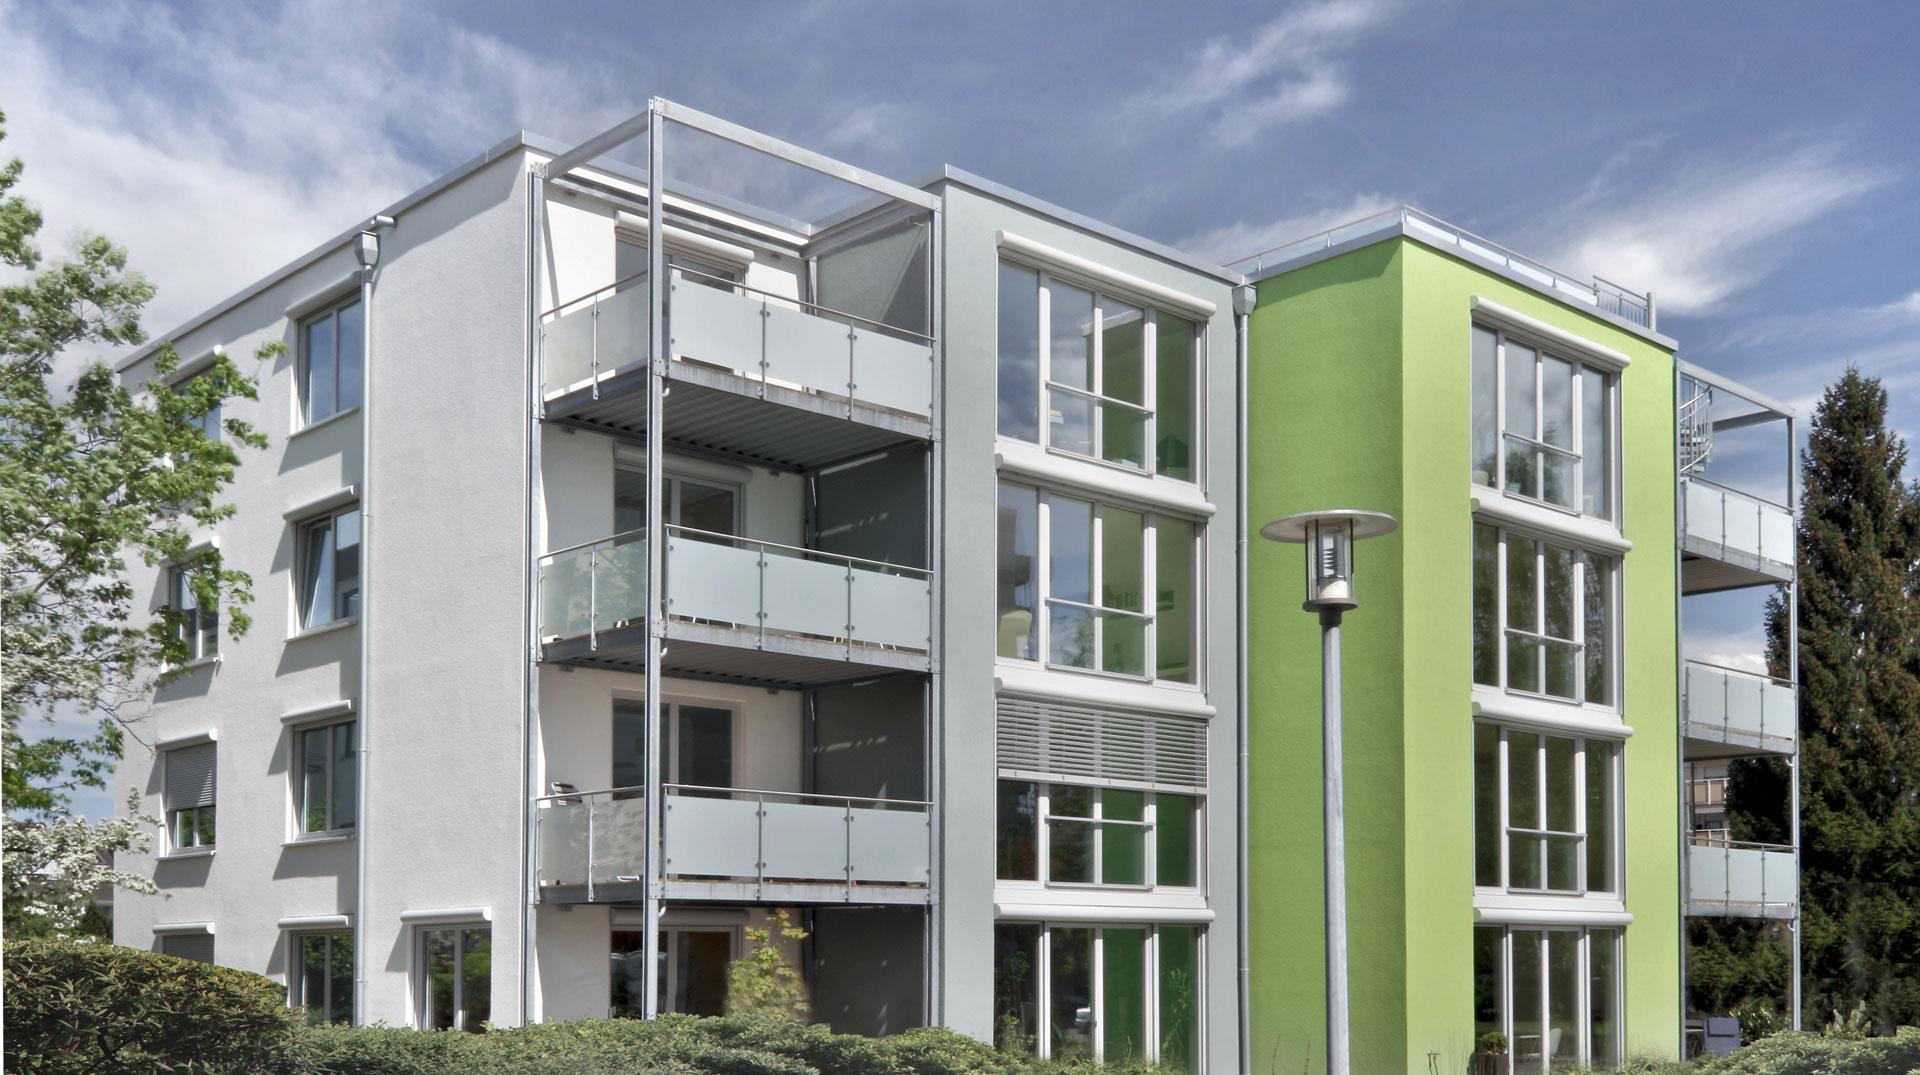 8-Familienhaus Passivhaus Ettlingen